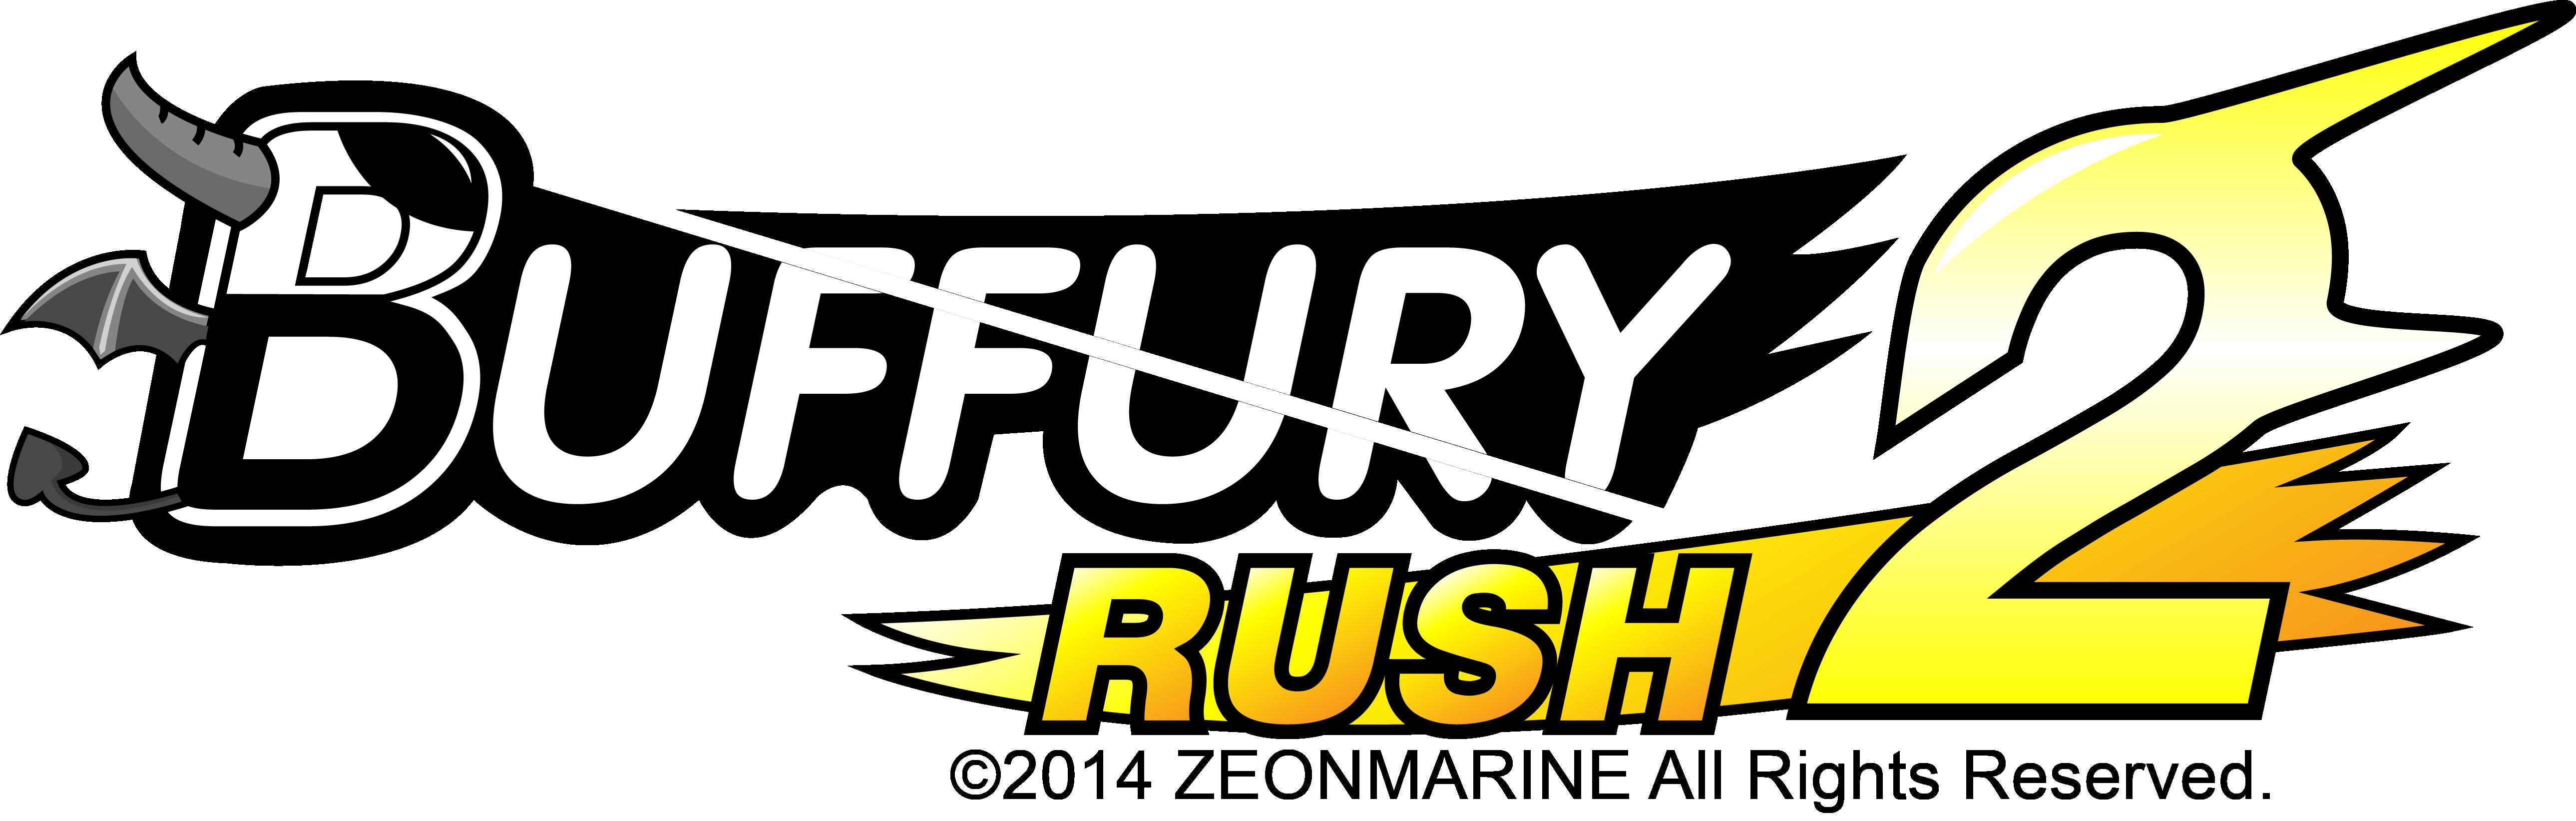 Buffury 2 Logo